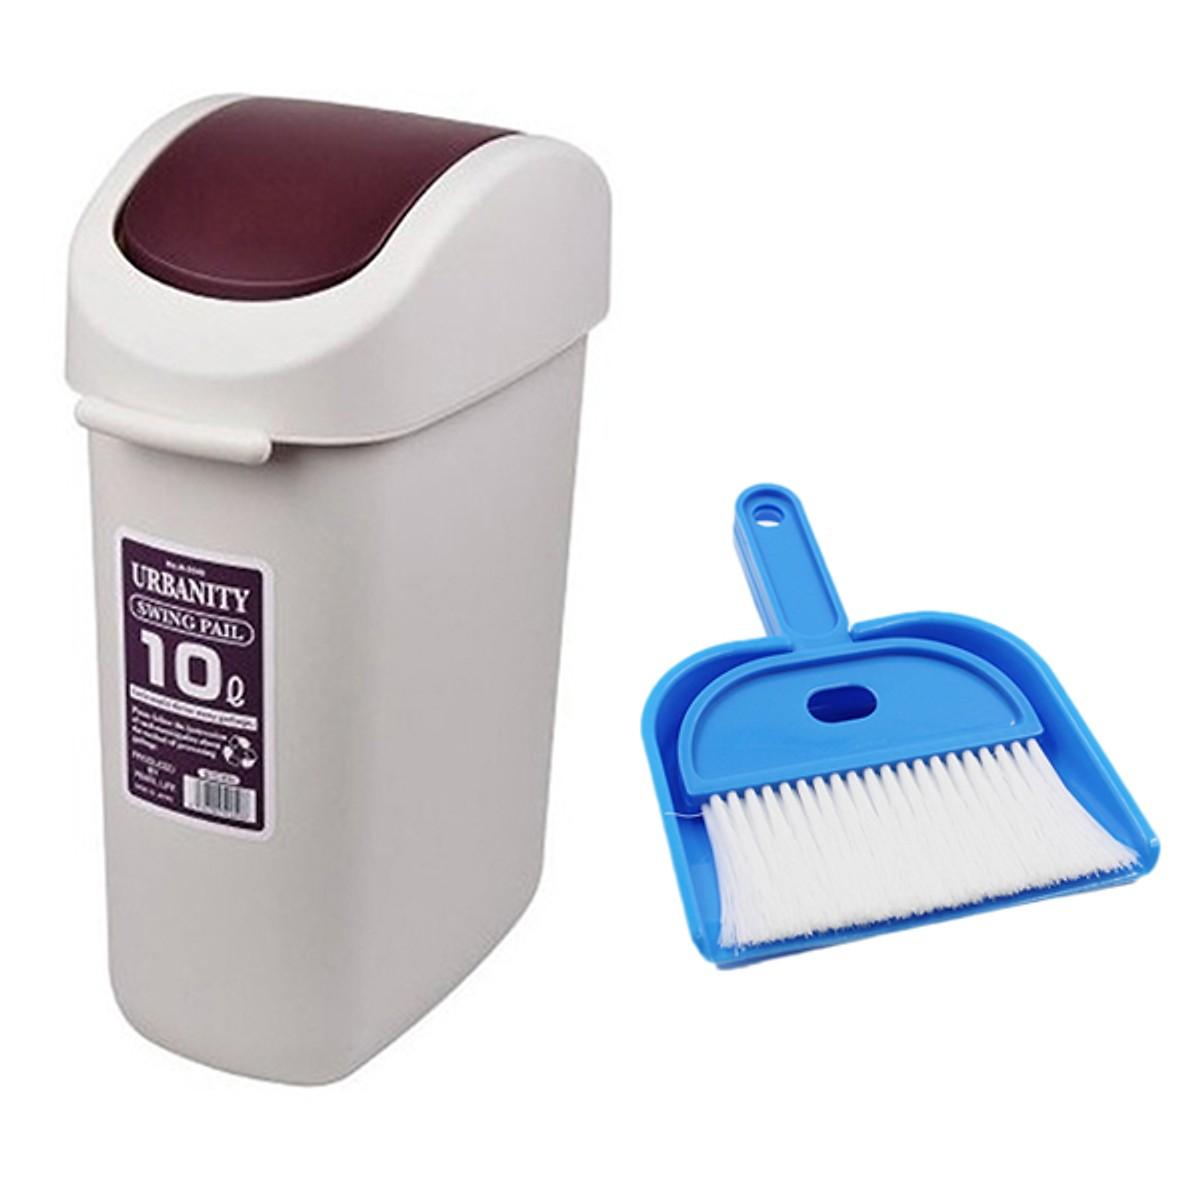 Combo vệ sinh nhà cửa: Thùng rác + bộ hót rác nhỏ gọn - Japan - 16173442 , 4160729993741 , 62_22560450 , 900000 , Combo-ve-sinh-nha-cua-Thung-rac-bo-hot-rac-nho-gon-Japan-62_22560450 , tiki.vn , Combo vệ sinh nhà cửa: Thùng rác + bộ hót rác nhỏ gọn - Japan